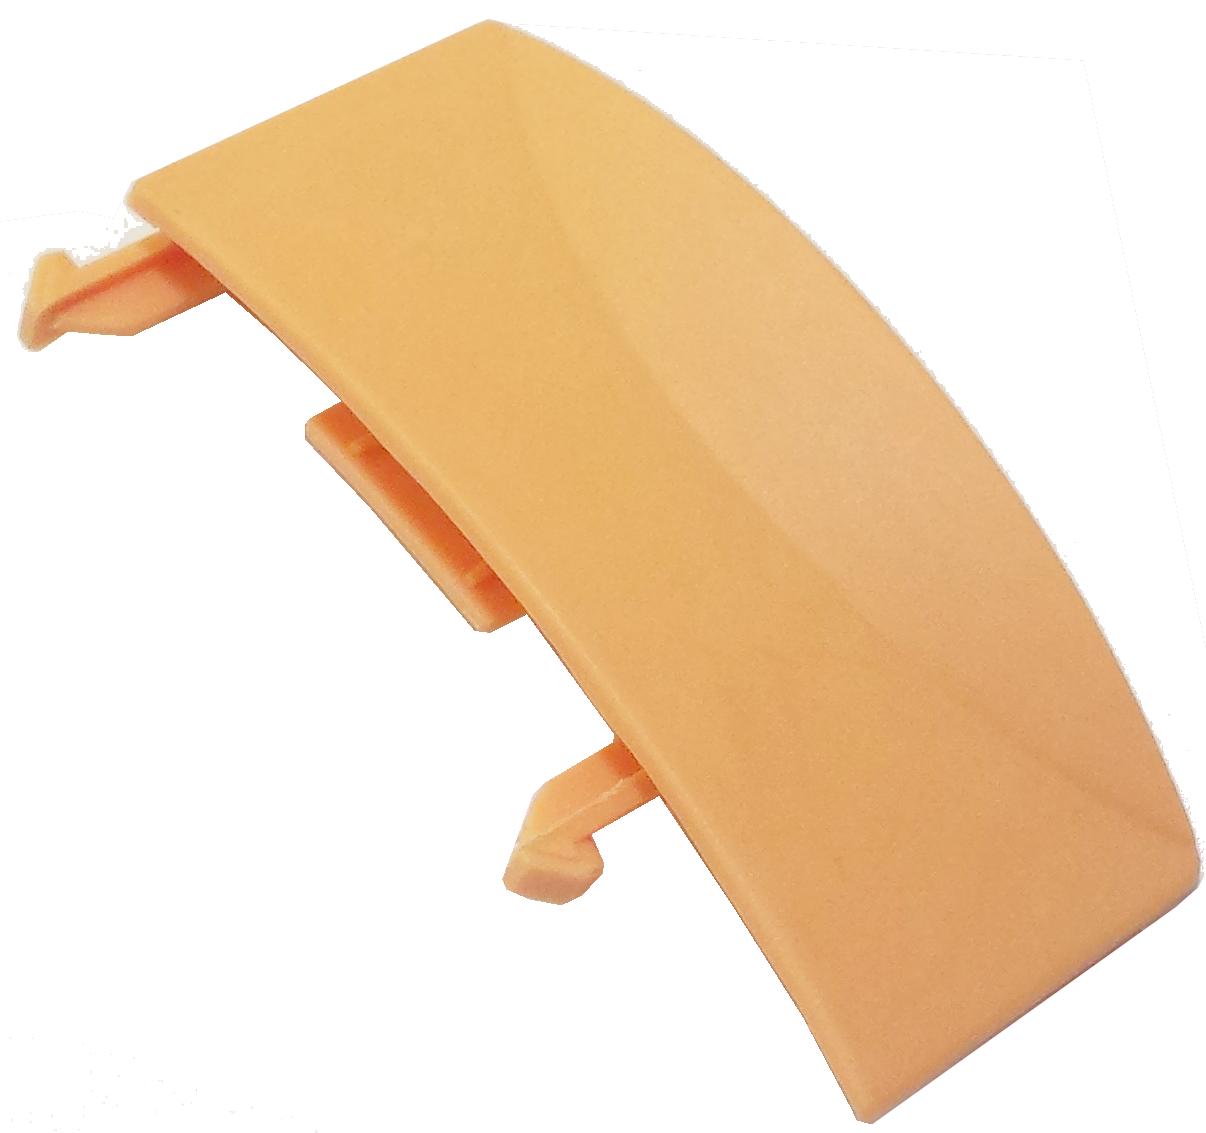 Gancio di chiusura laterale per sacca vk 121